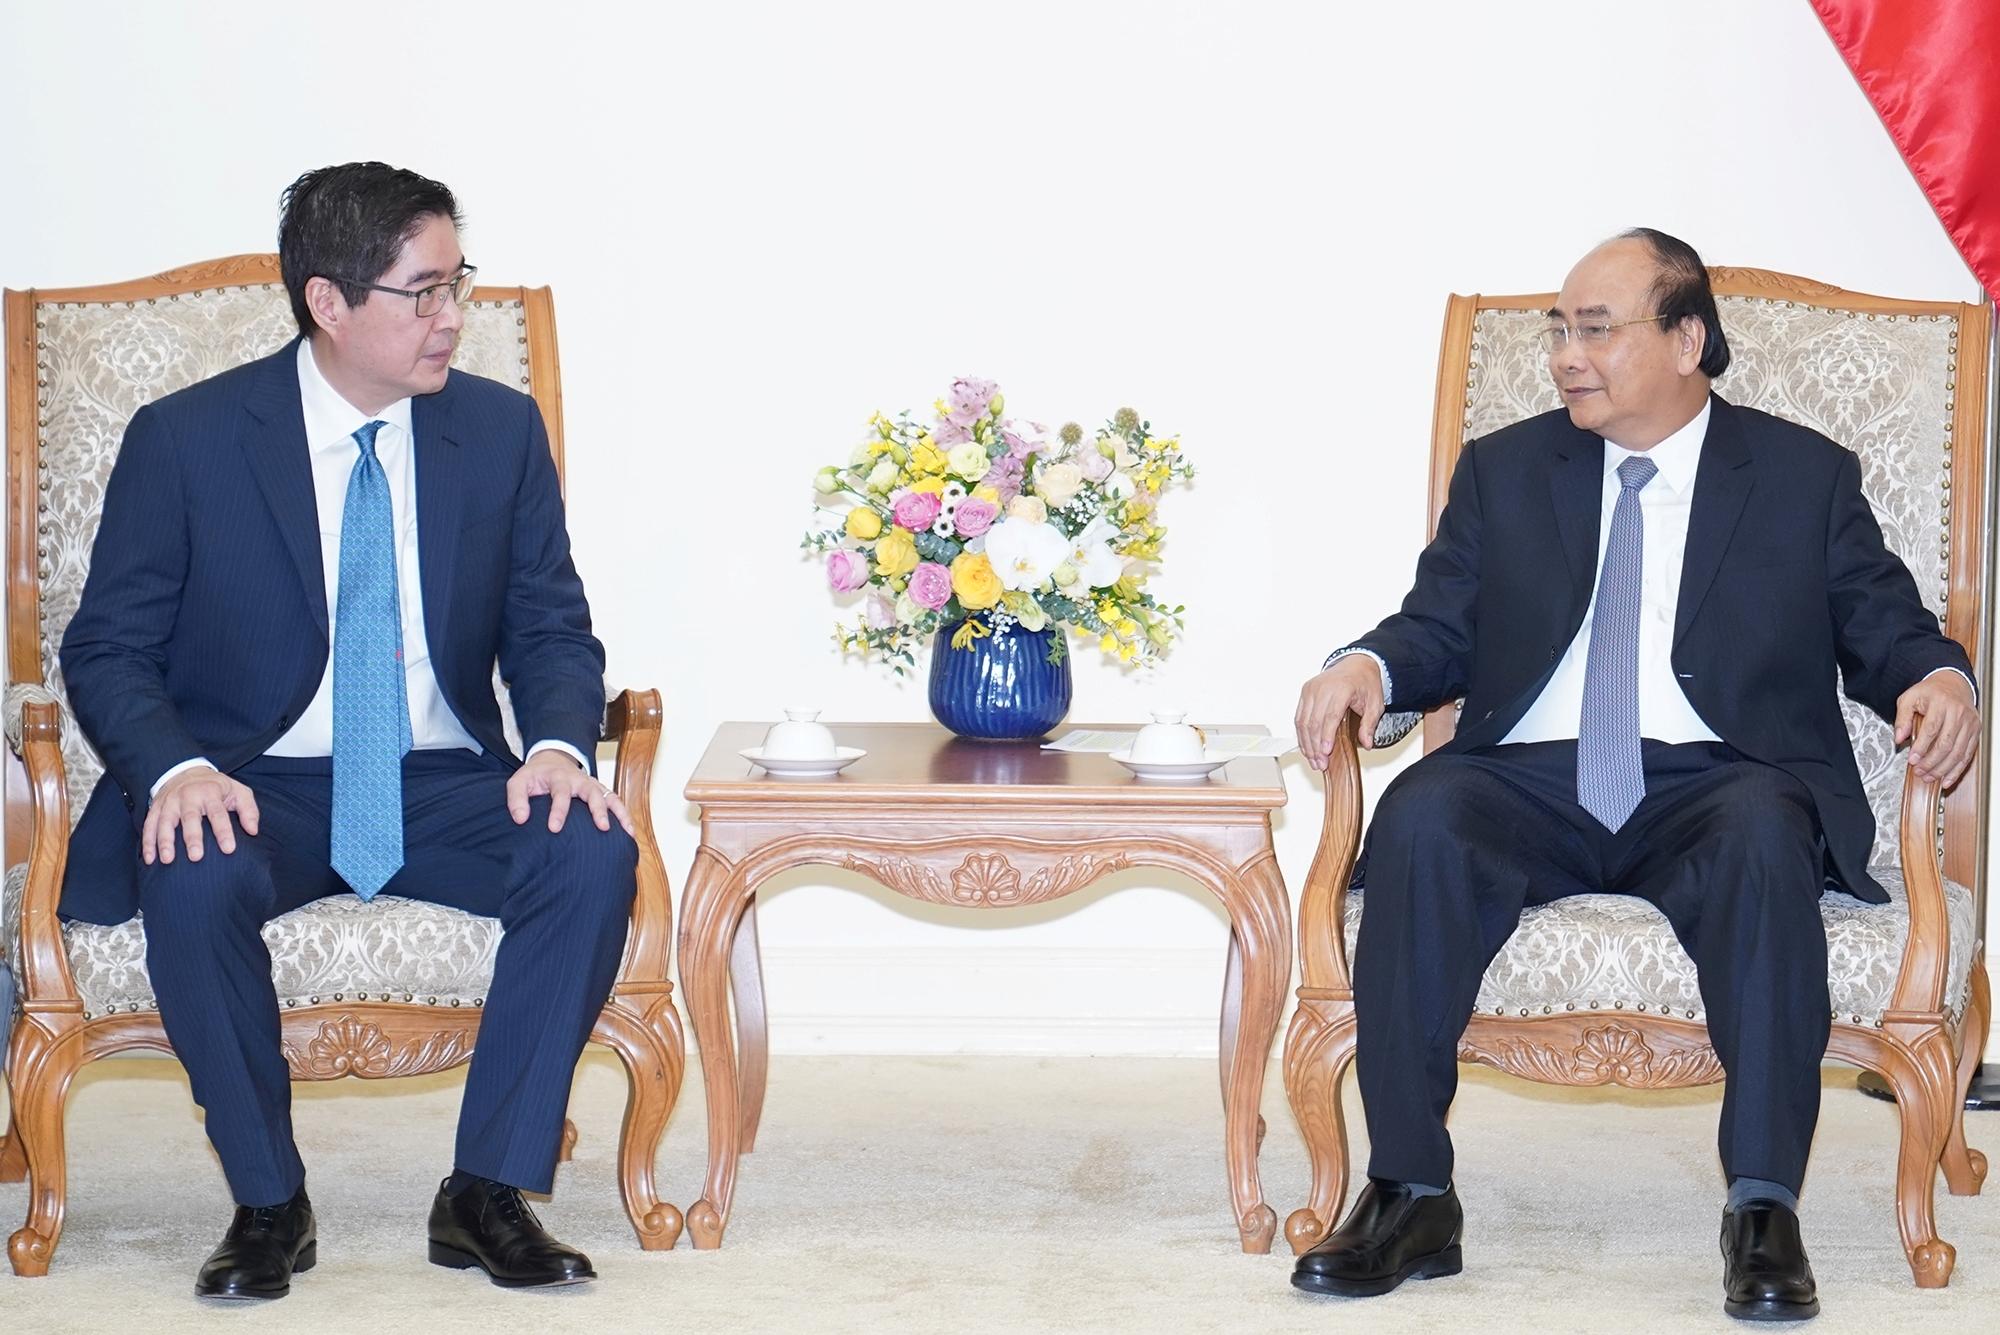 Việt Nam khuyến khích việc chế biến sản phẩm, gia tăng giá trị để xuất khẩu